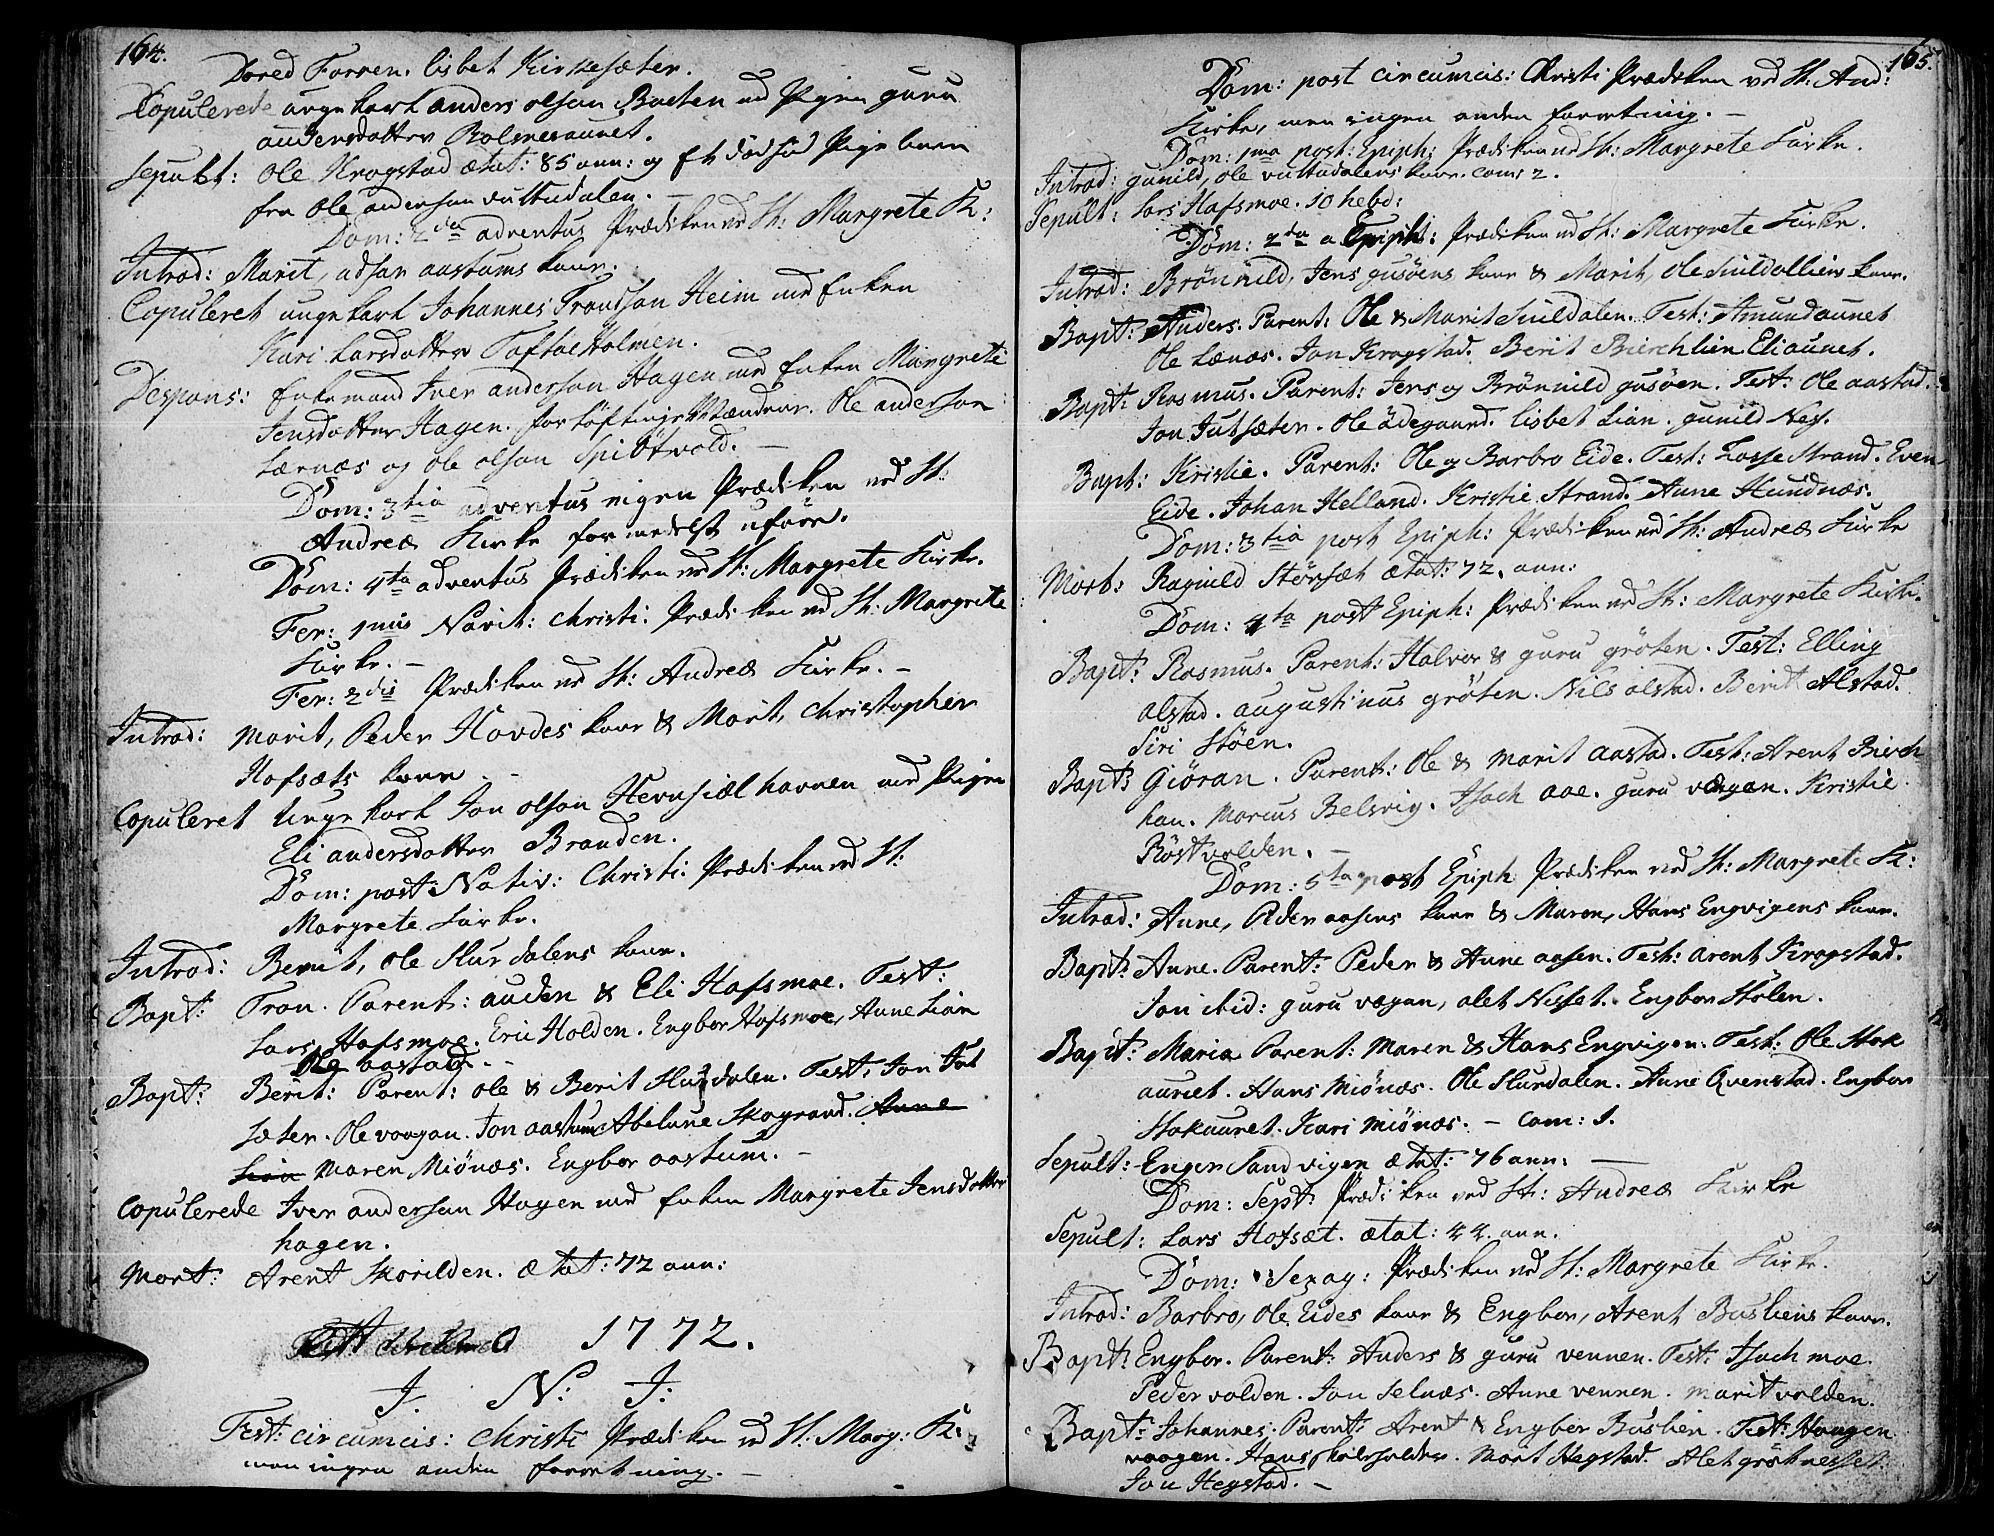 SAT, Ministerialprotokoller, klokkerbøker og fødselsregistre - Sør-Trøndelag, 630/L0489: Ministerialbok nr. 630A02, 1757-1794, s. 164-165